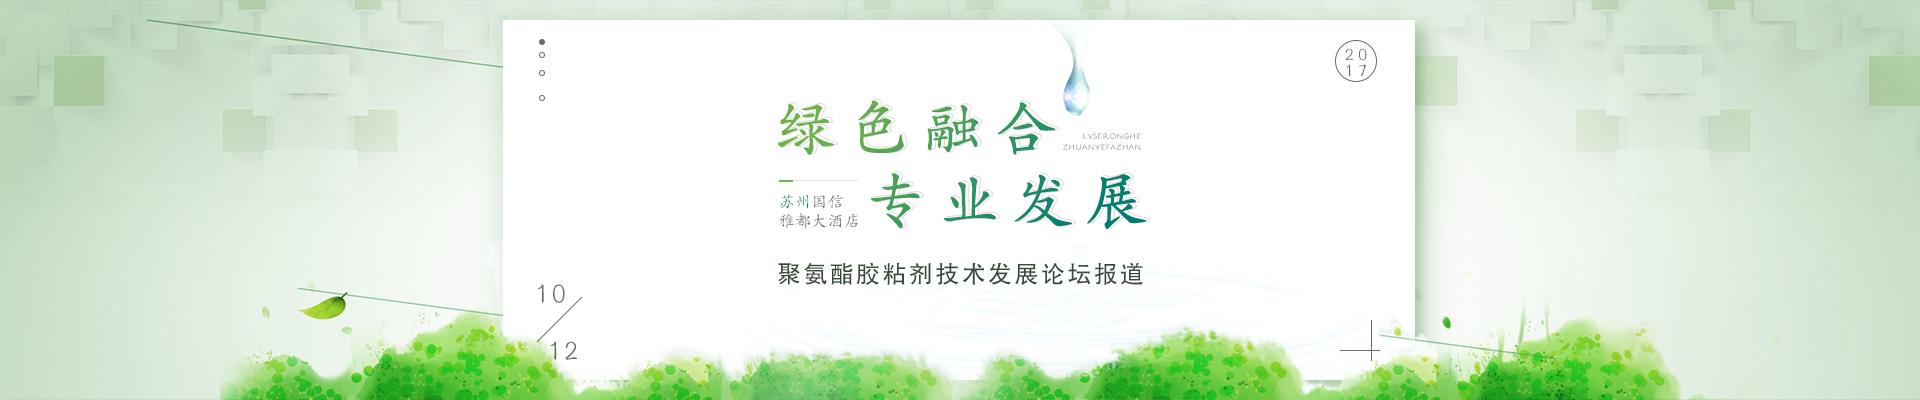 绿色融合,专业发展---2017聚氨酯胶粘剂技术发展论坛报道